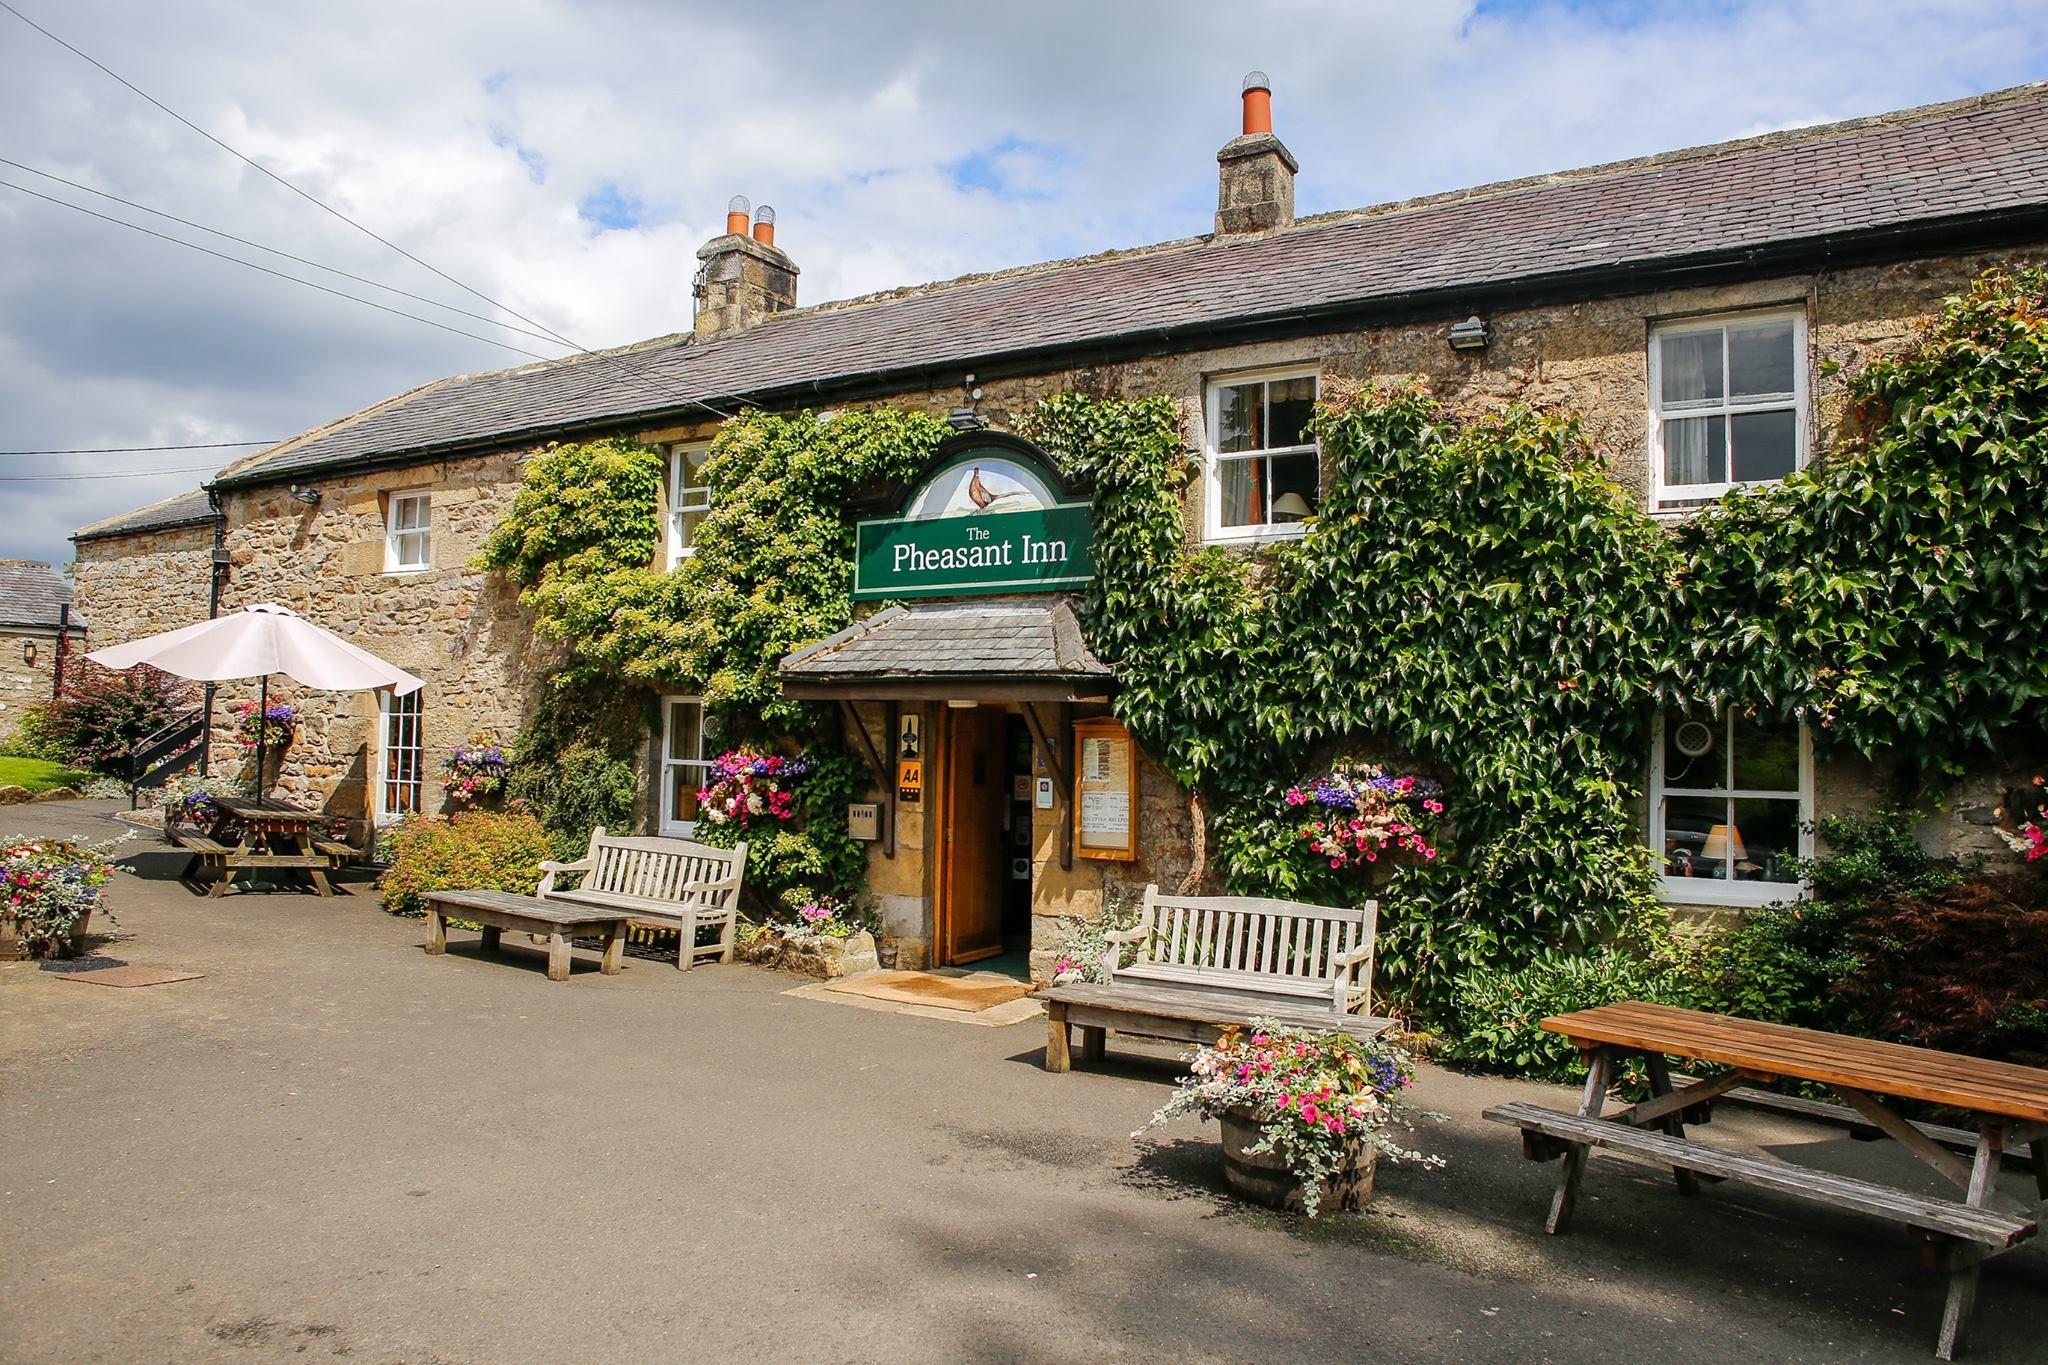 The Pheasant Inn, Stannersburn, Hexham, Northumberland